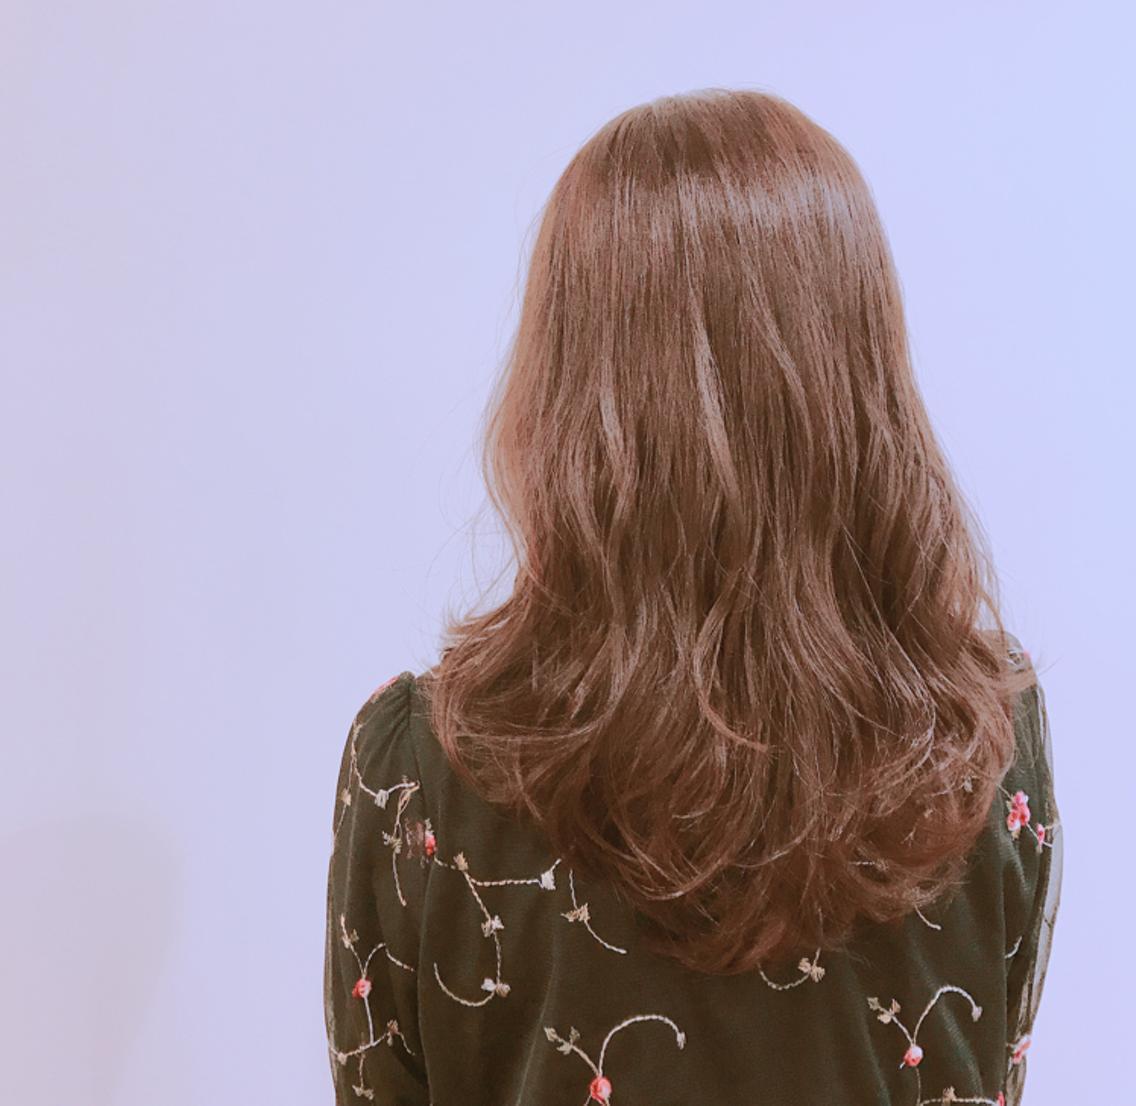 土曜ハイライトカラー募集(トリートメント無料!)!メンズカットモデル募集中!